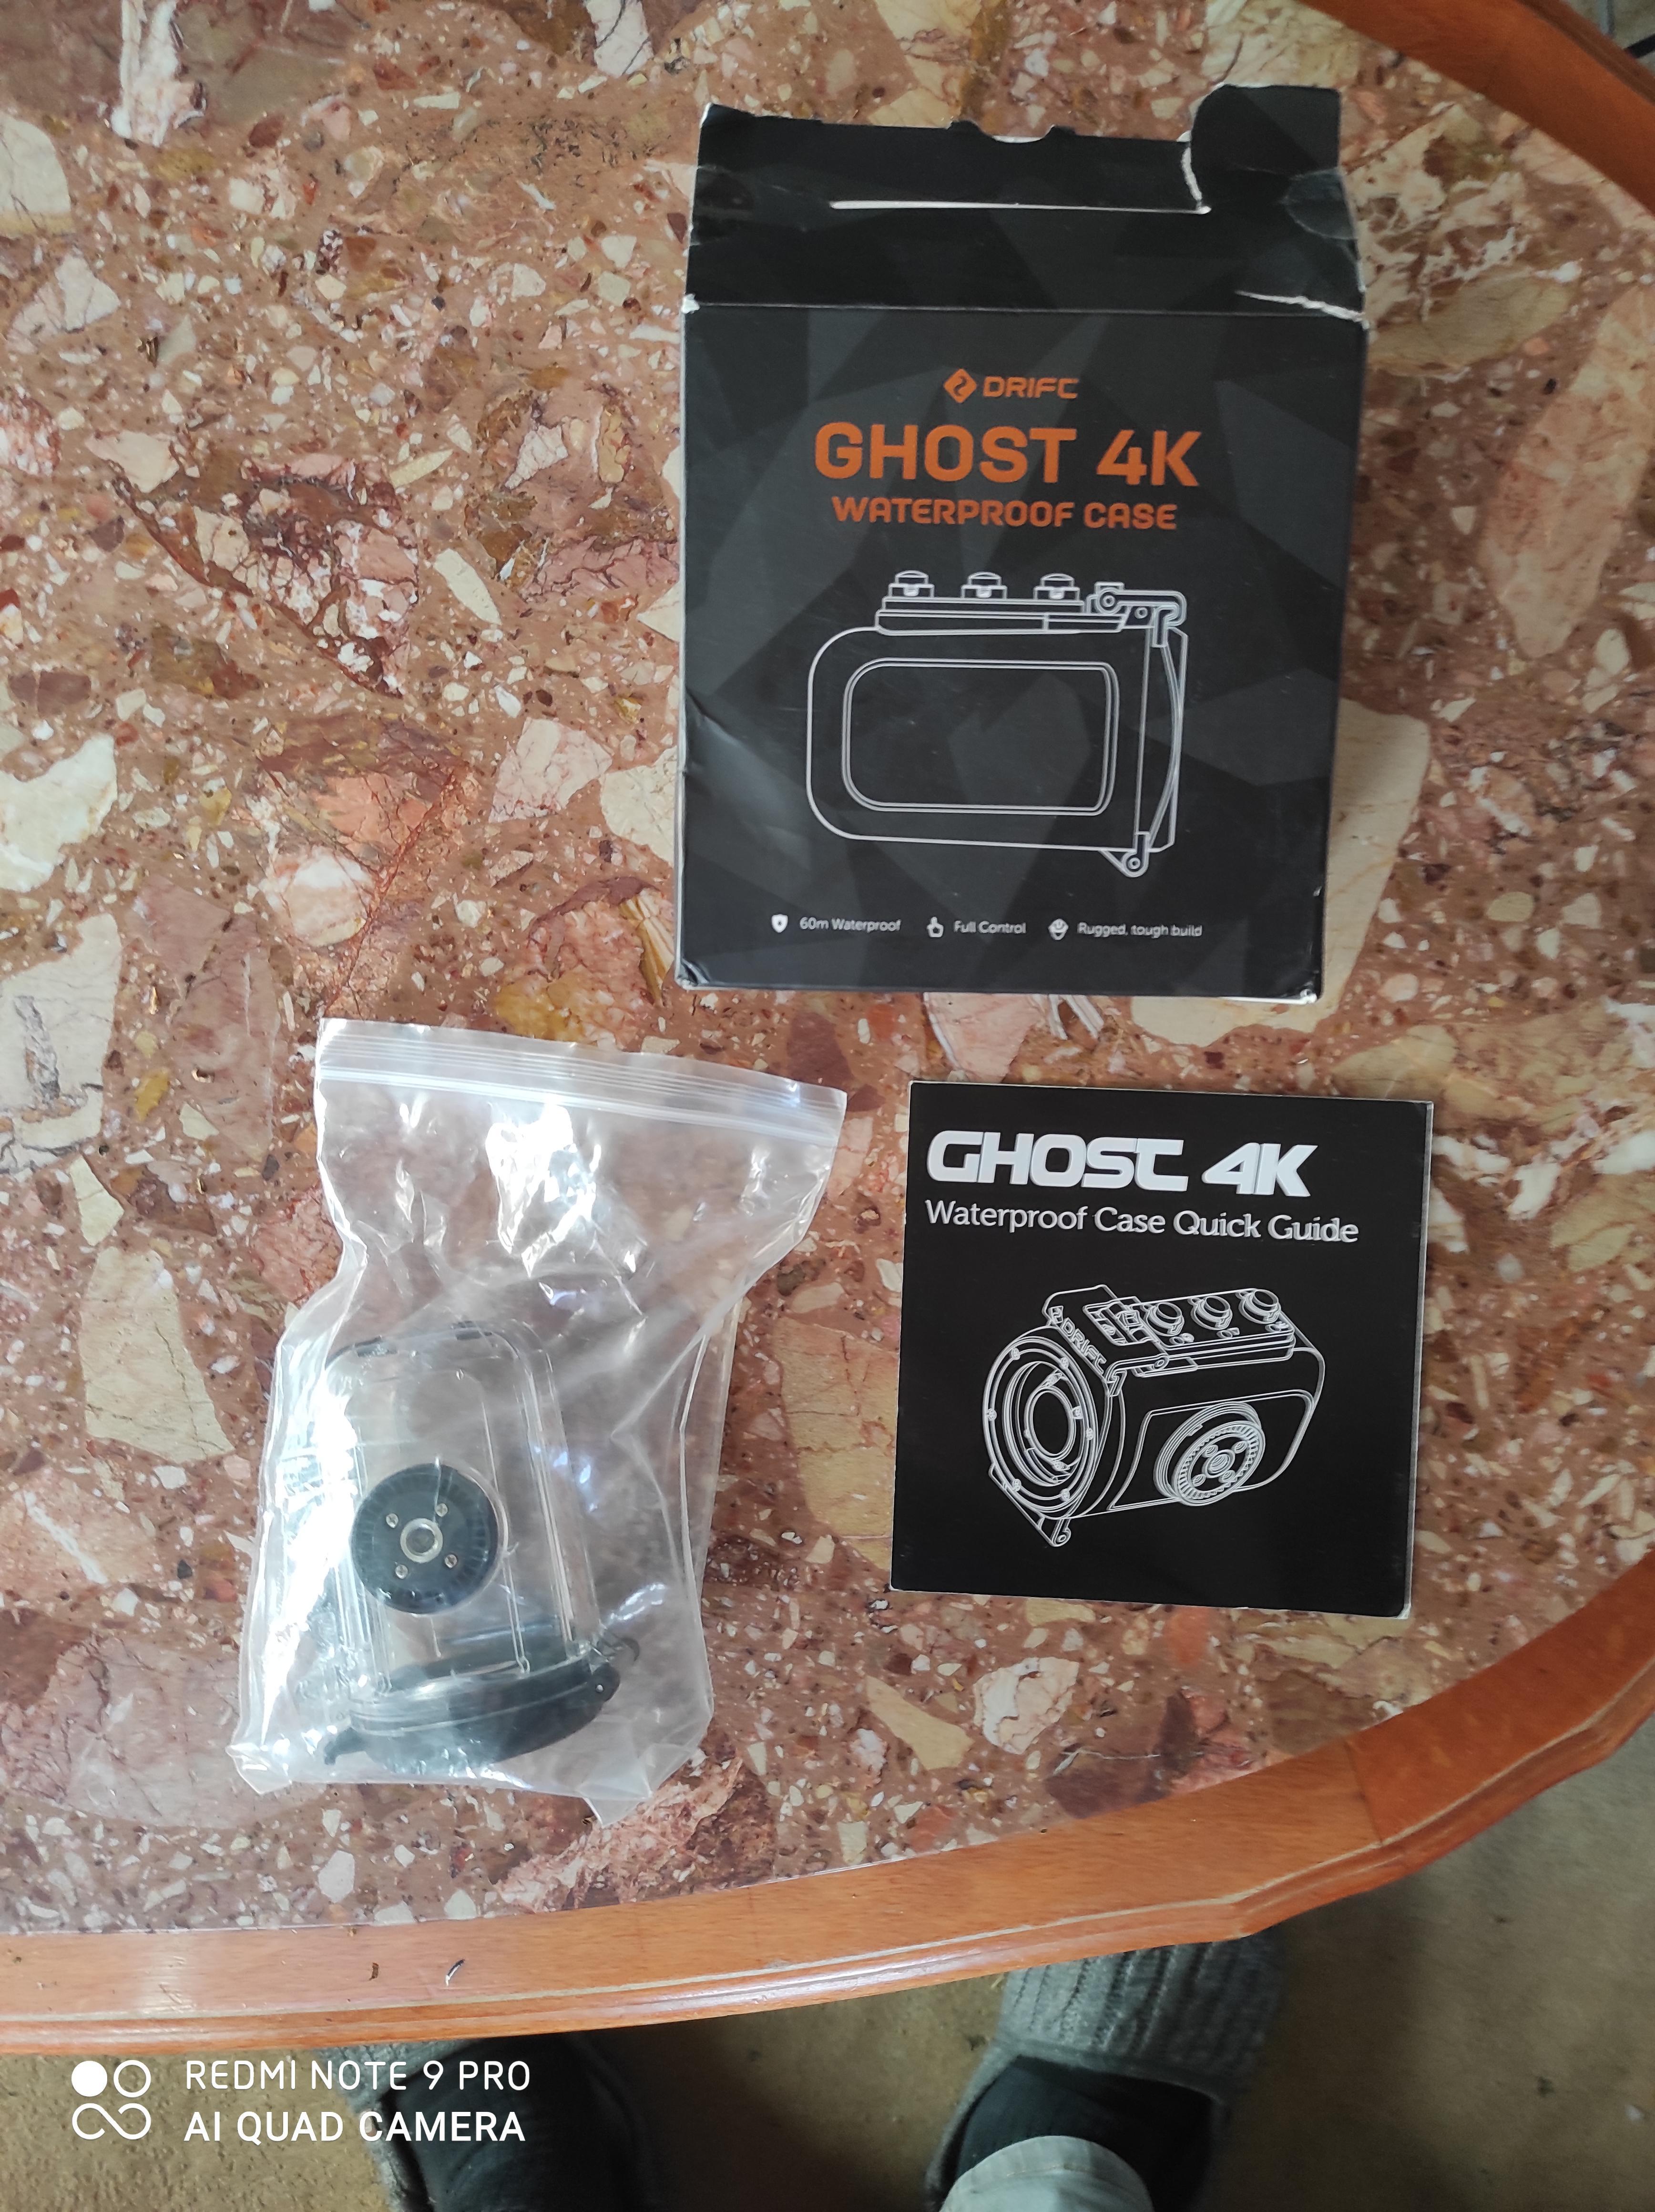 troc de troc coque camera ghost 4k waterproof image 0